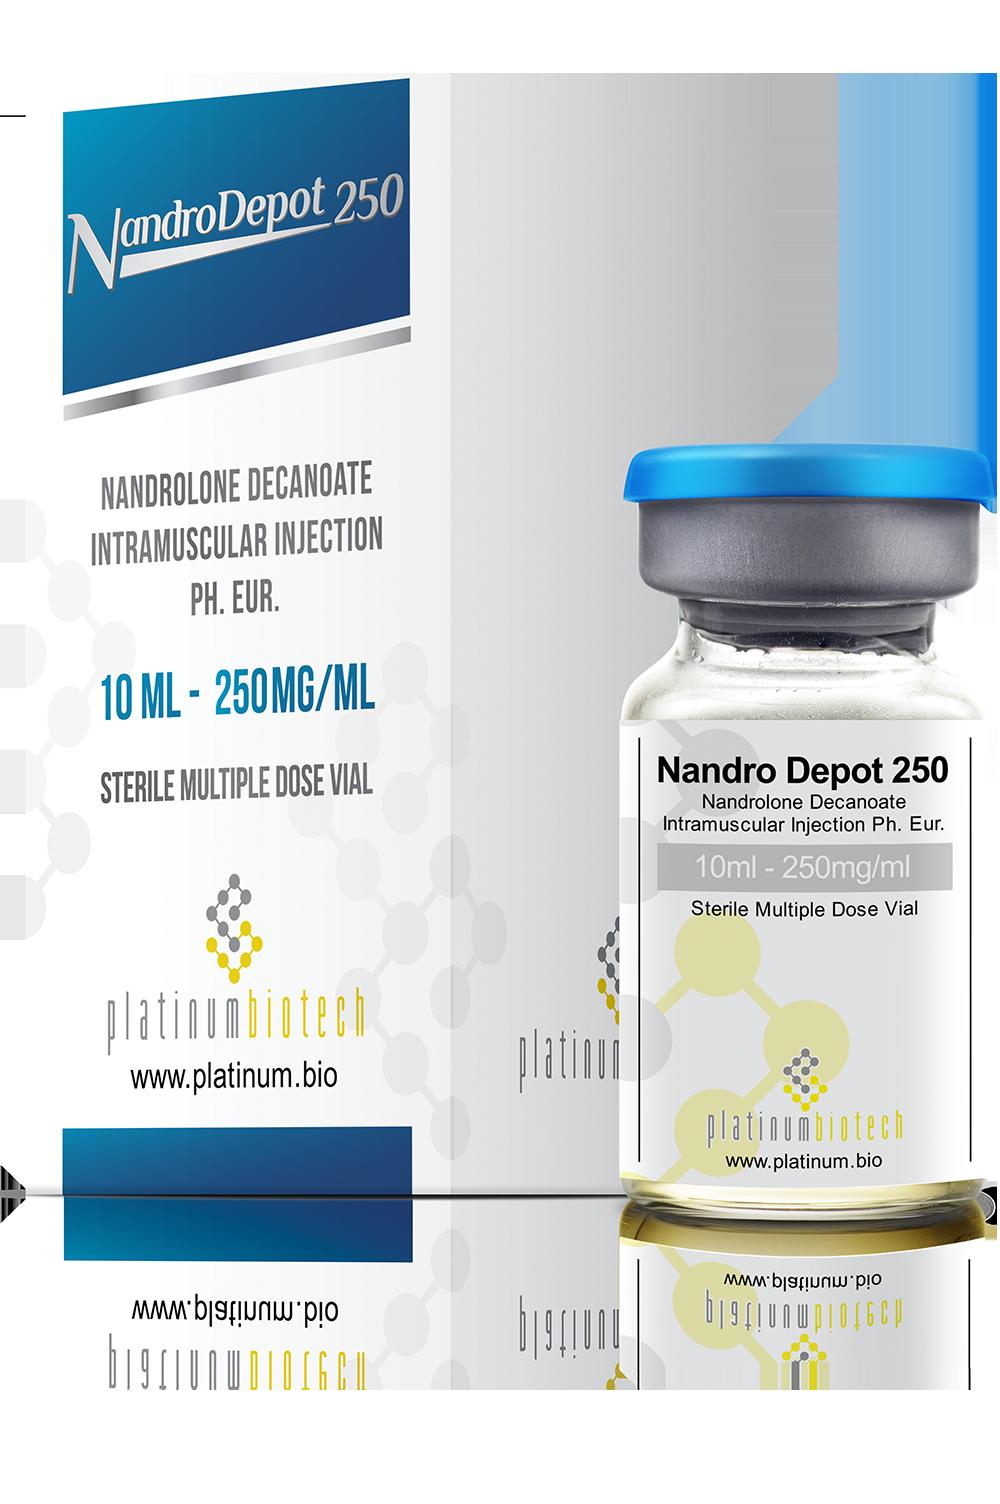 Nandro Depot 250